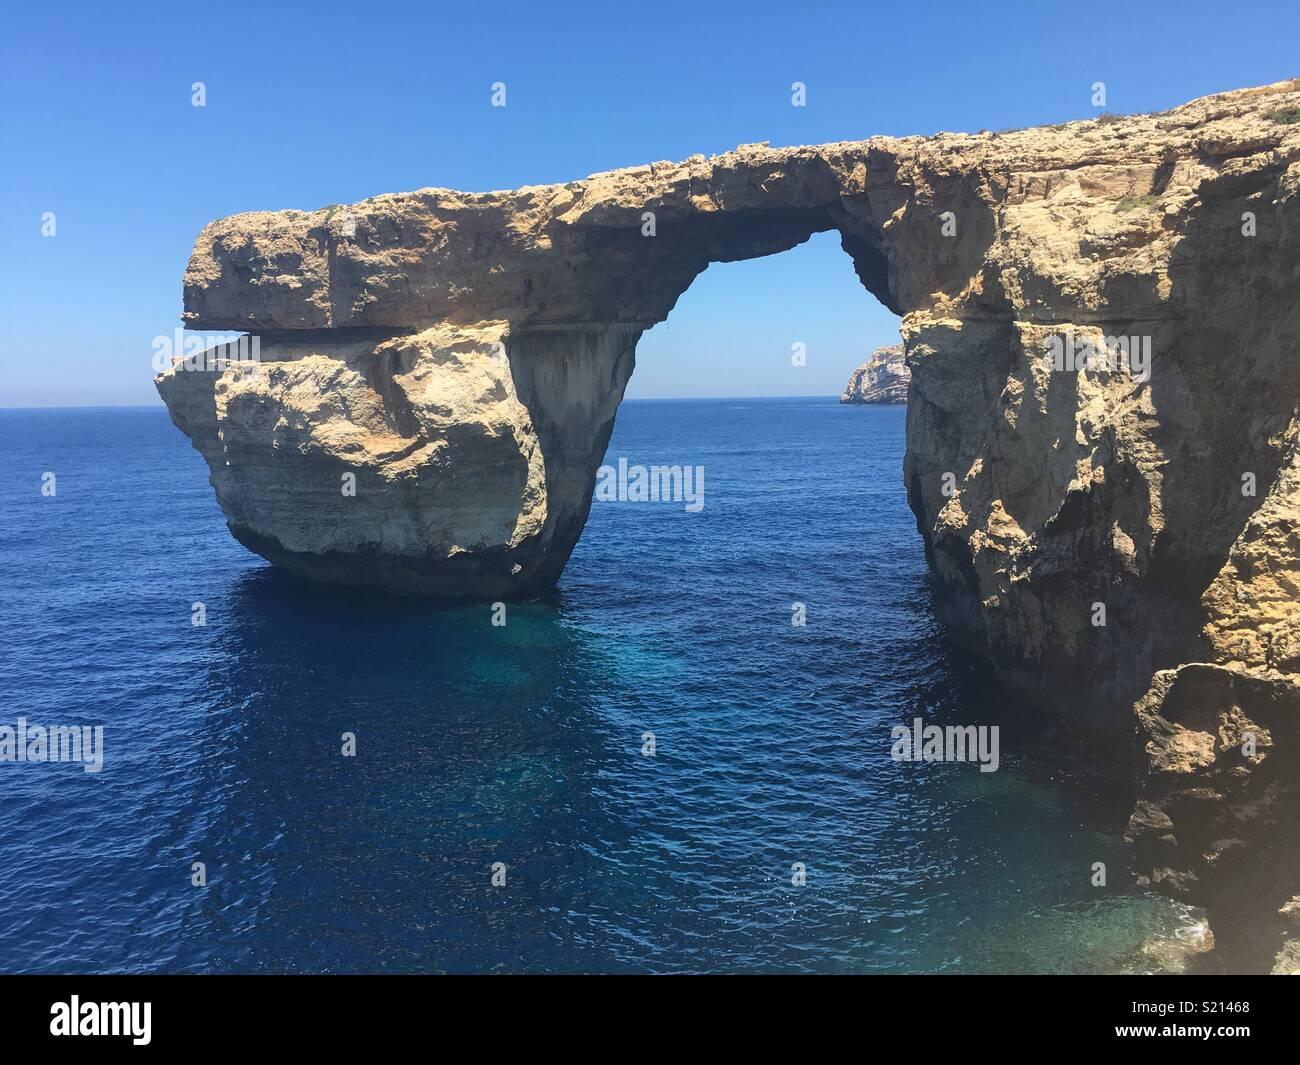 The Azur window, Gozo - Stock Image